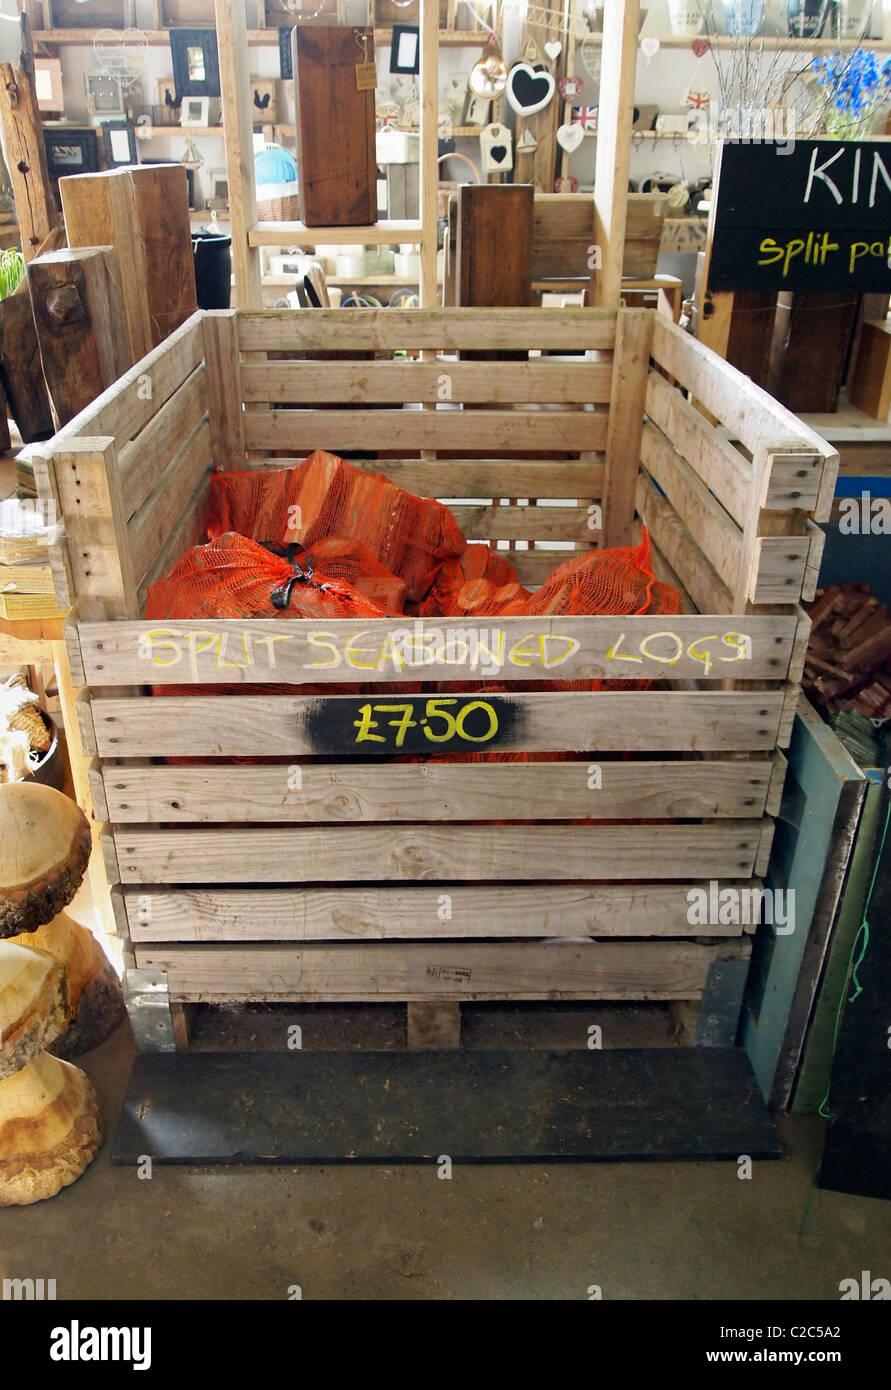 Bois de chauffage sec ou en utilisant du bois recyclé en vente à l'accueil de Brighton Woodstore, Photo Stock